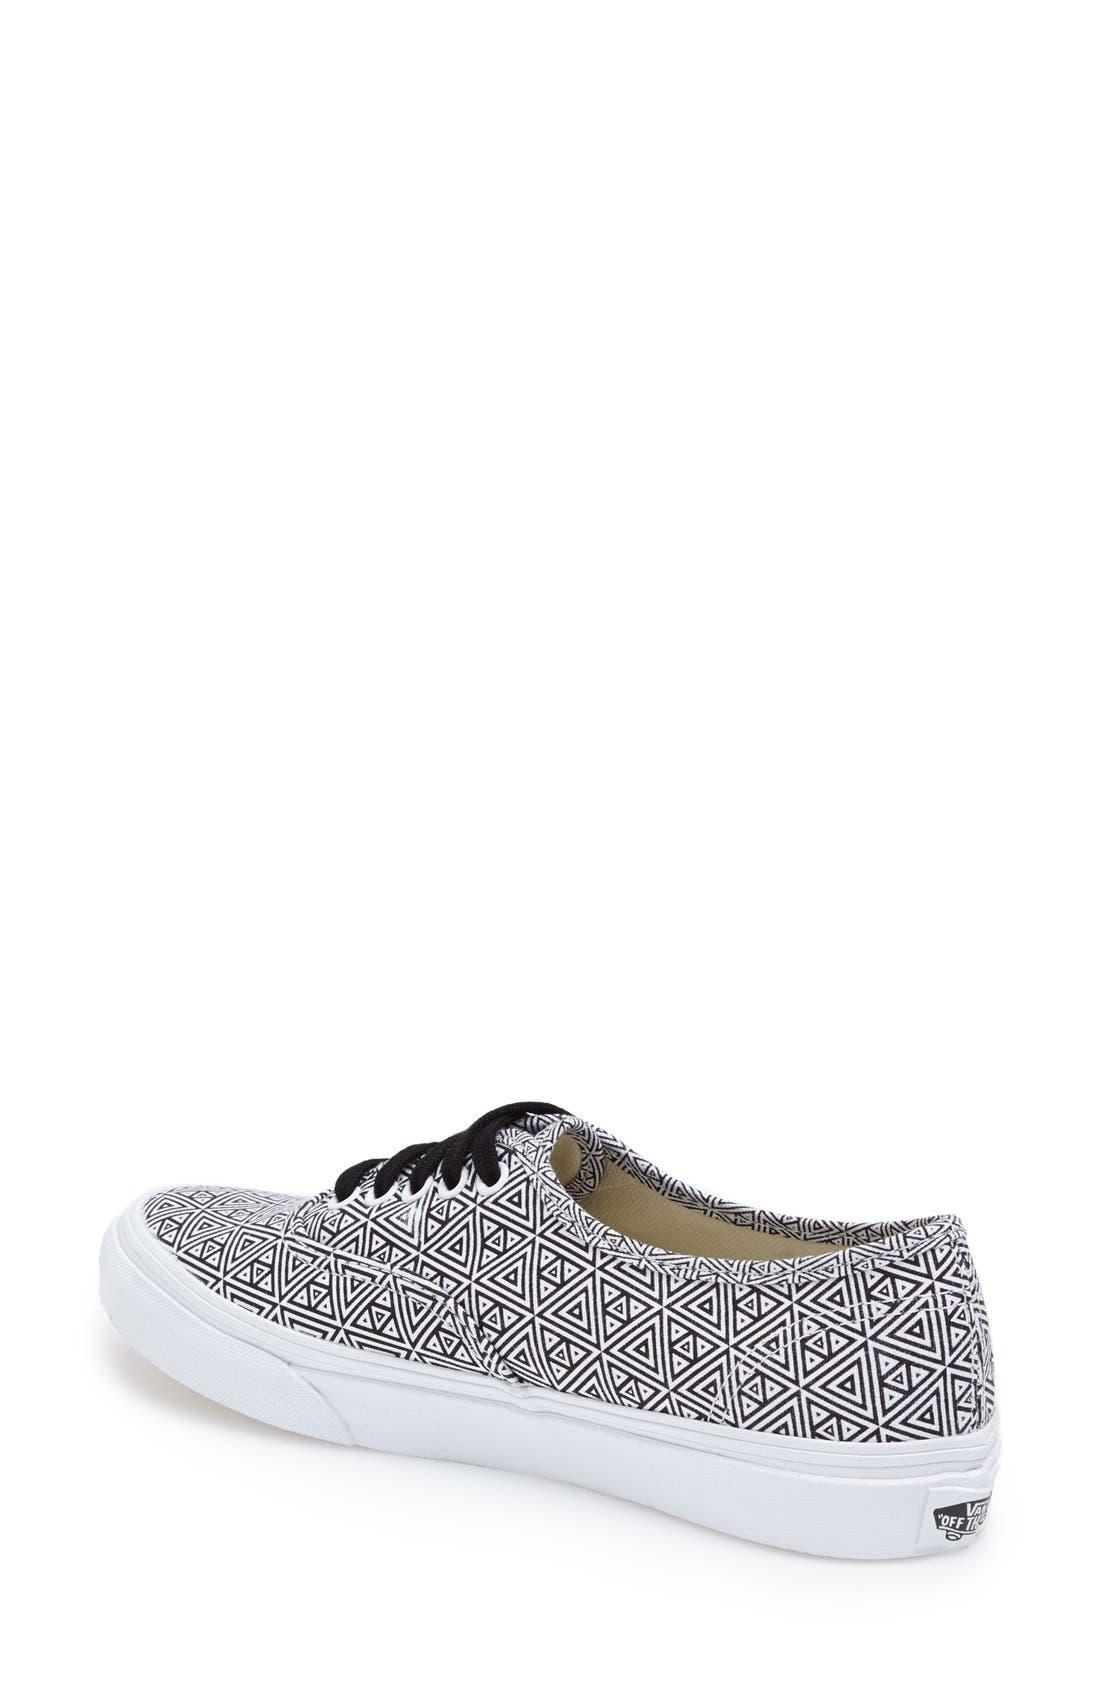 Alternate Image 2  - Vans 'Authentic Slim' Geo Print Sneaker (Women)